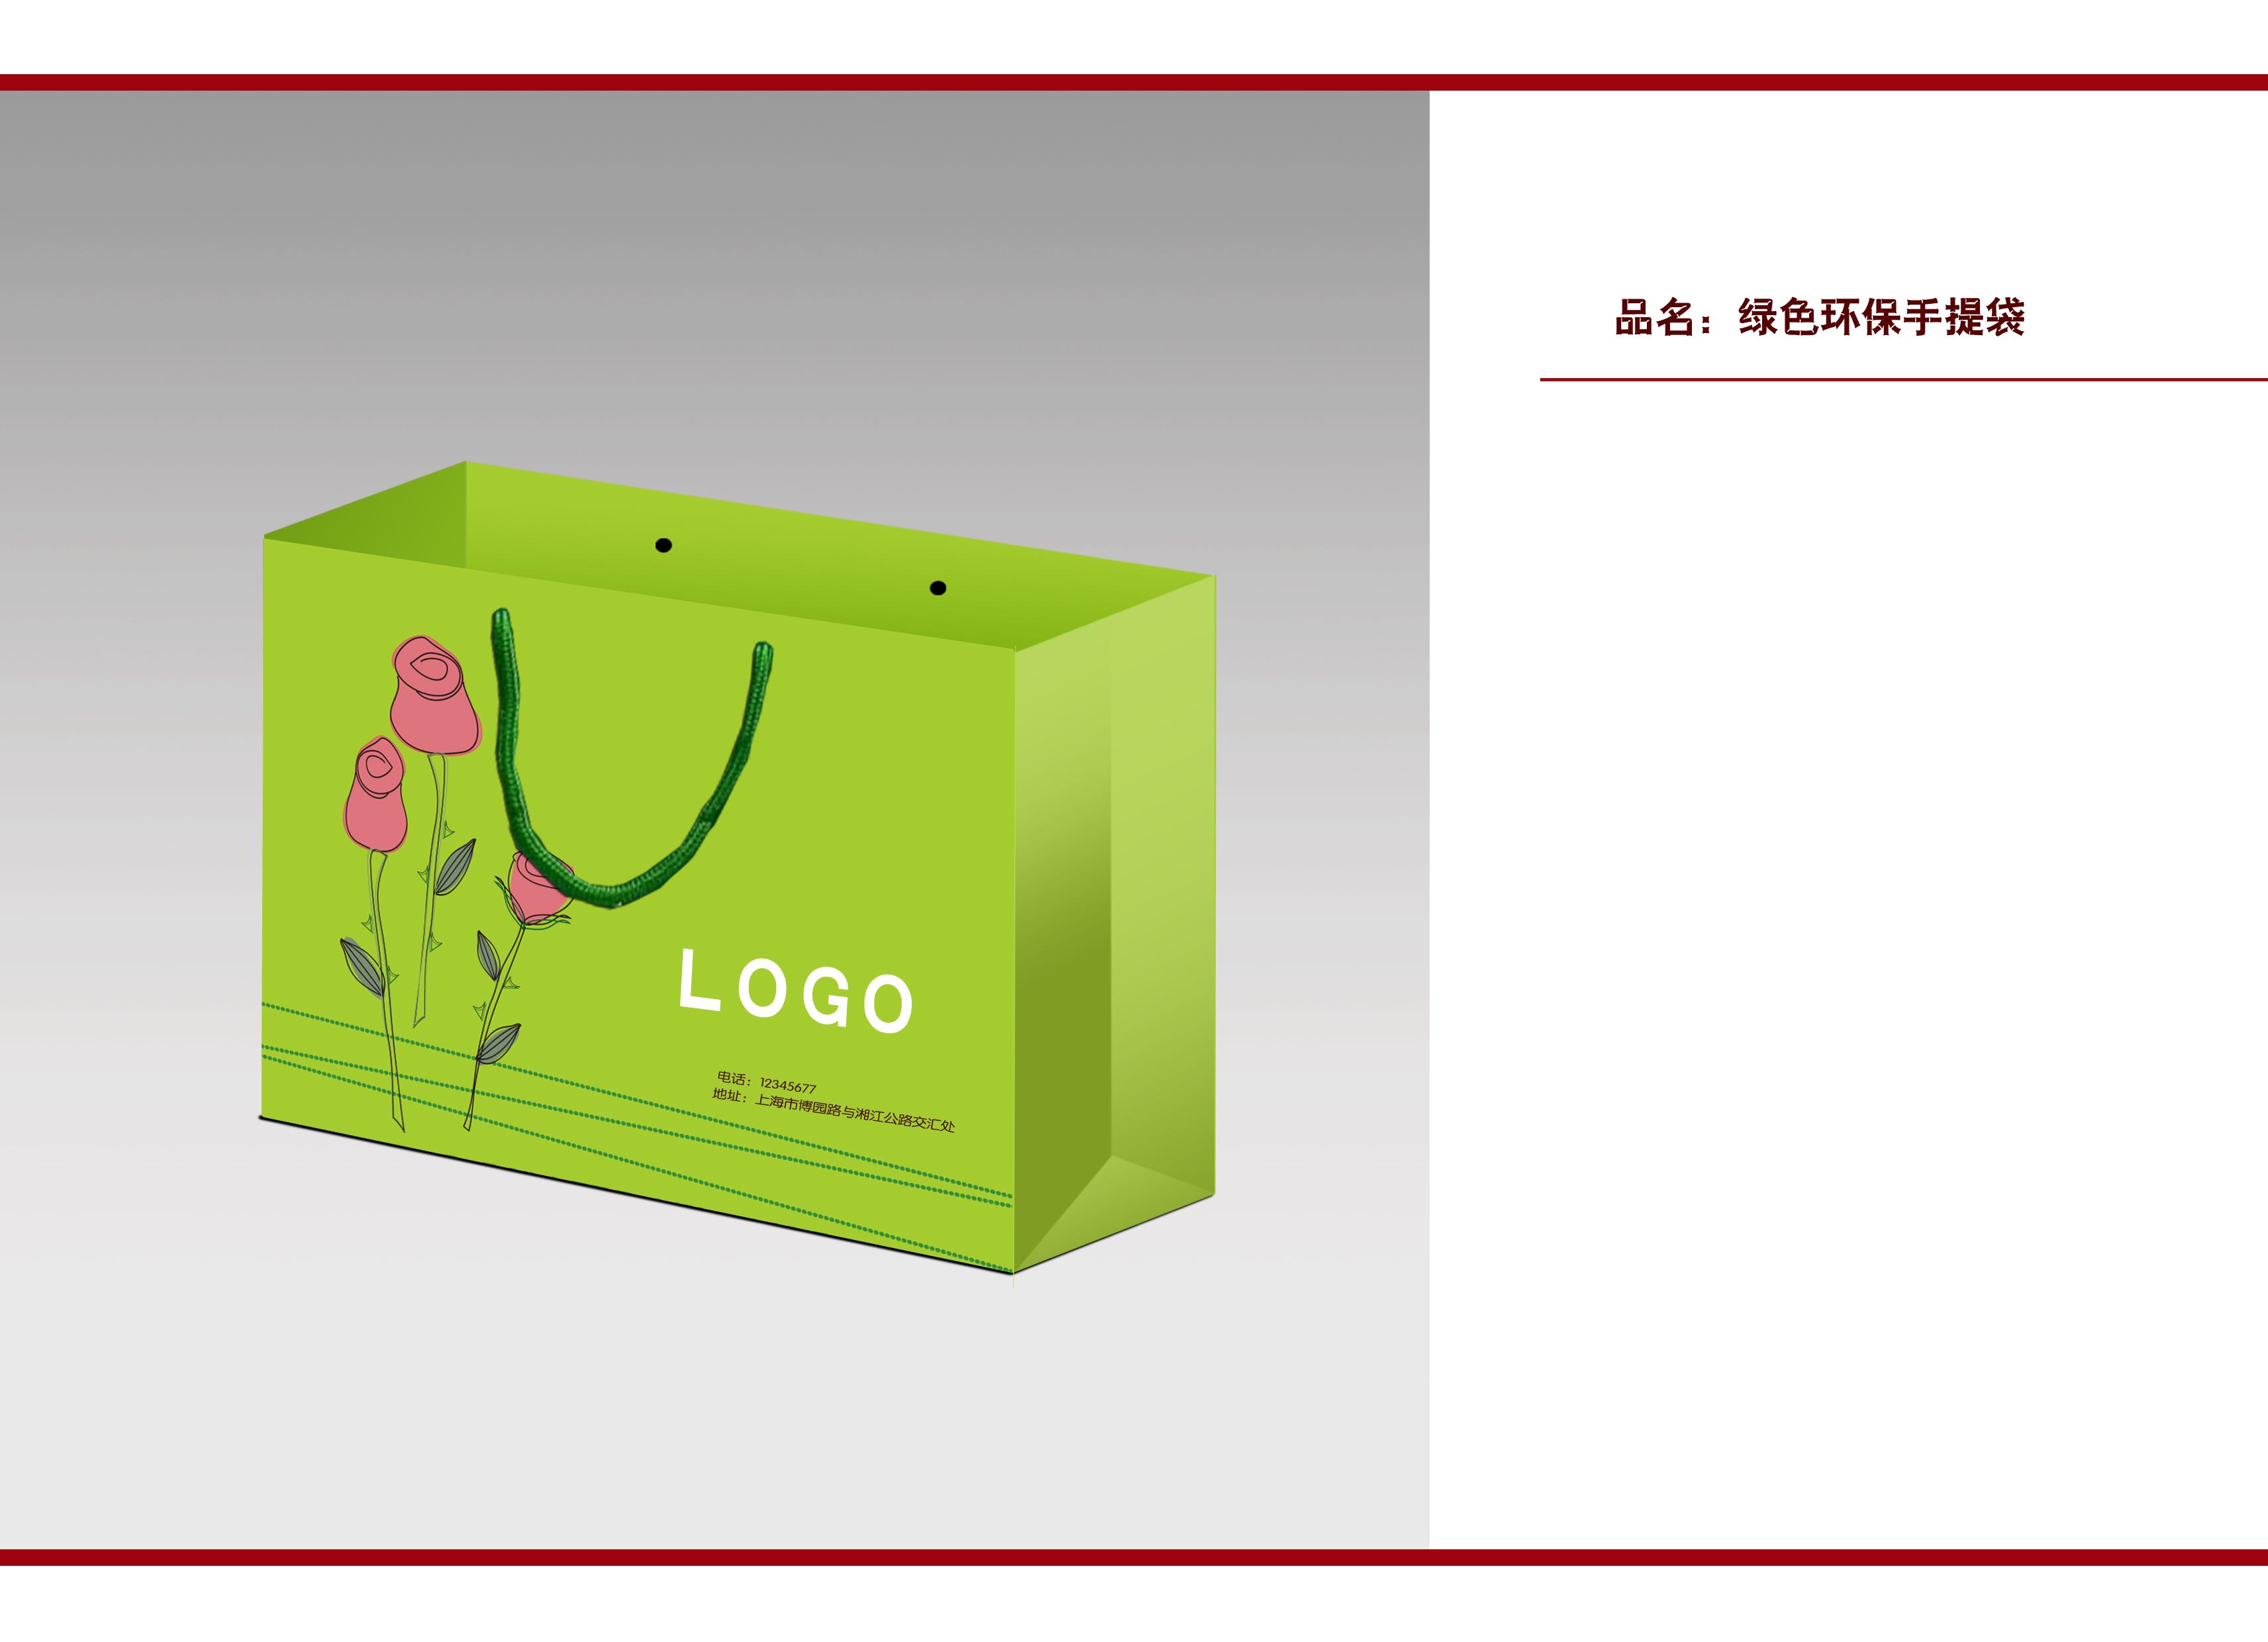 设计呢--就是资源循环再利用的构思,这款手提袋用了绿色,象征这环保图片